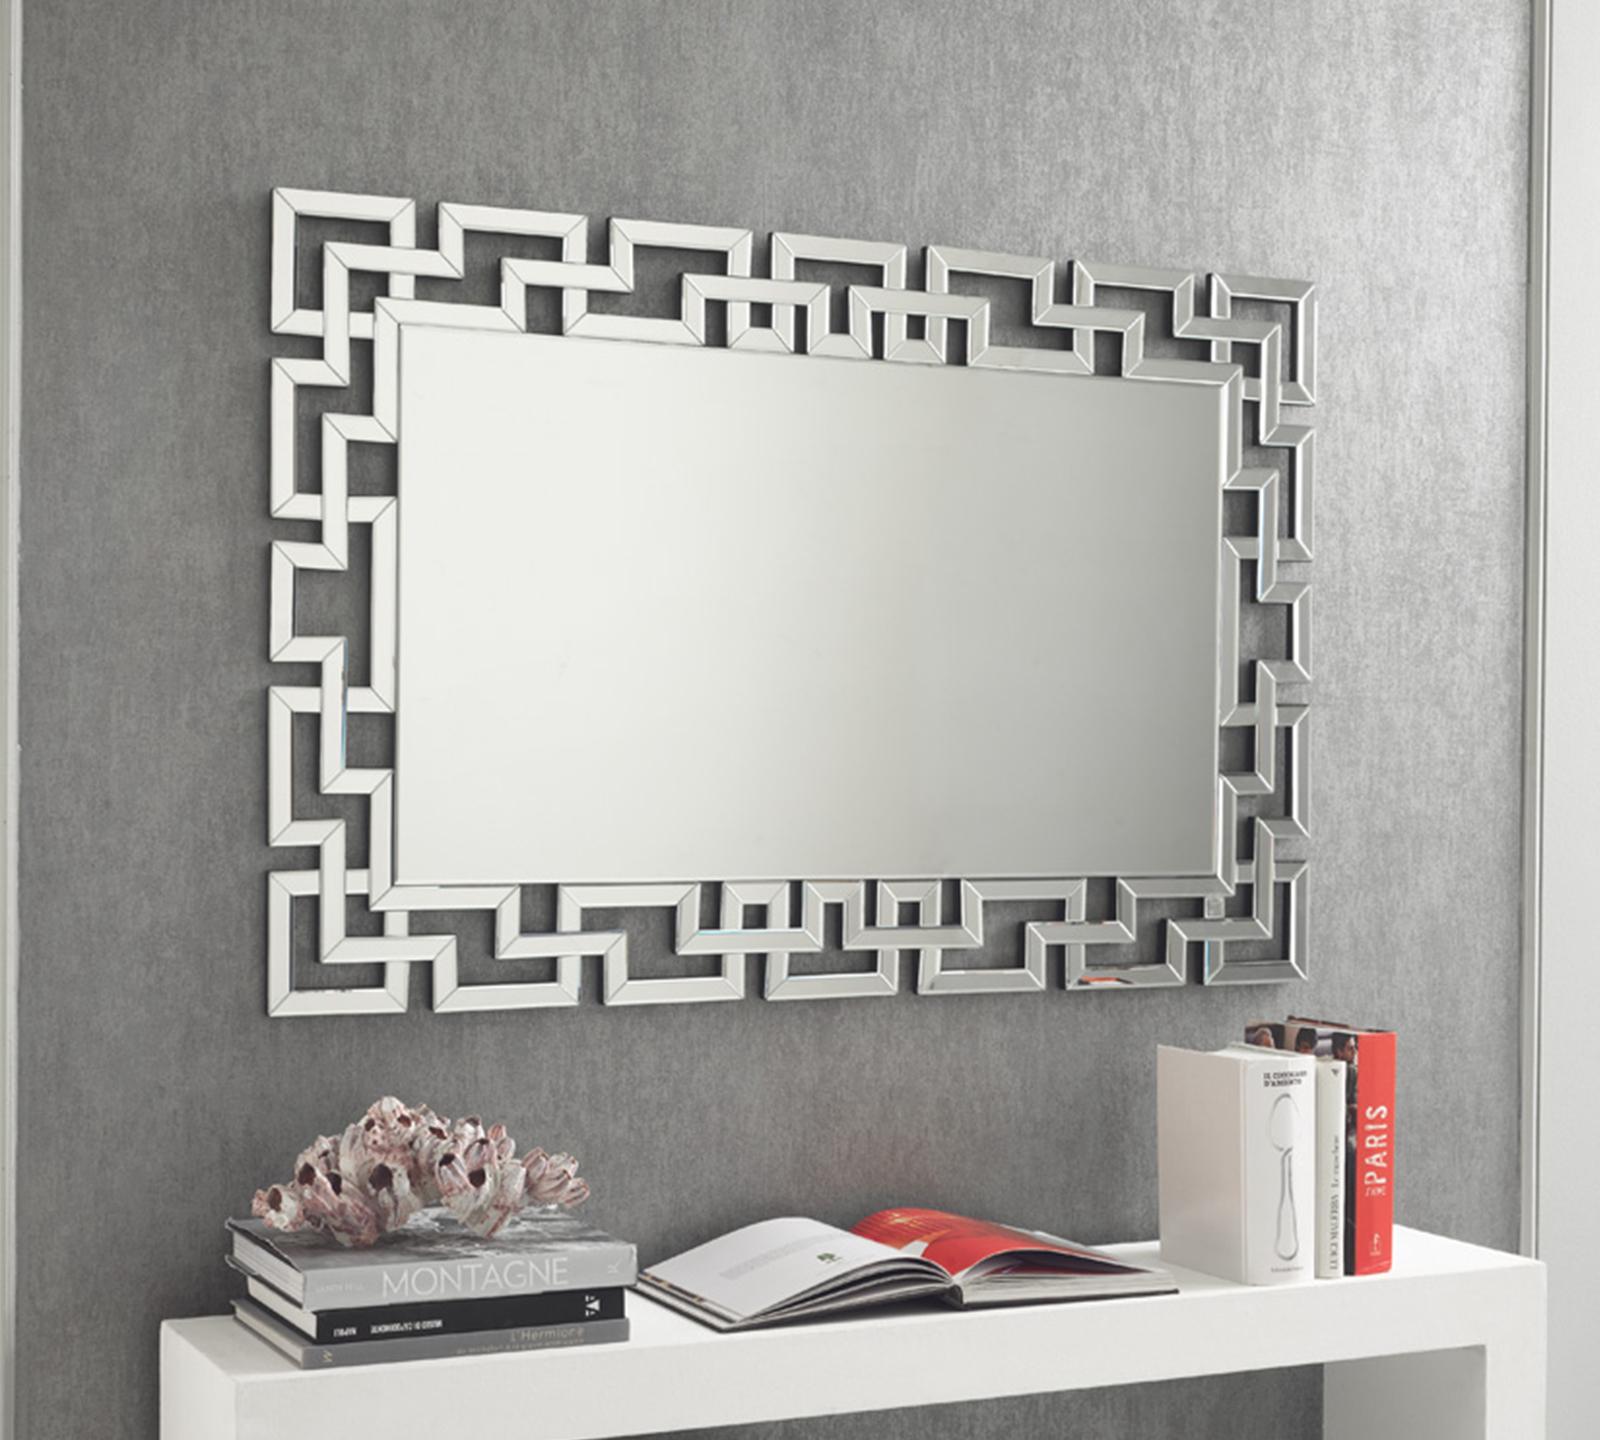 Specchio sp 020 duzzle - Specchi da parete amazon ...